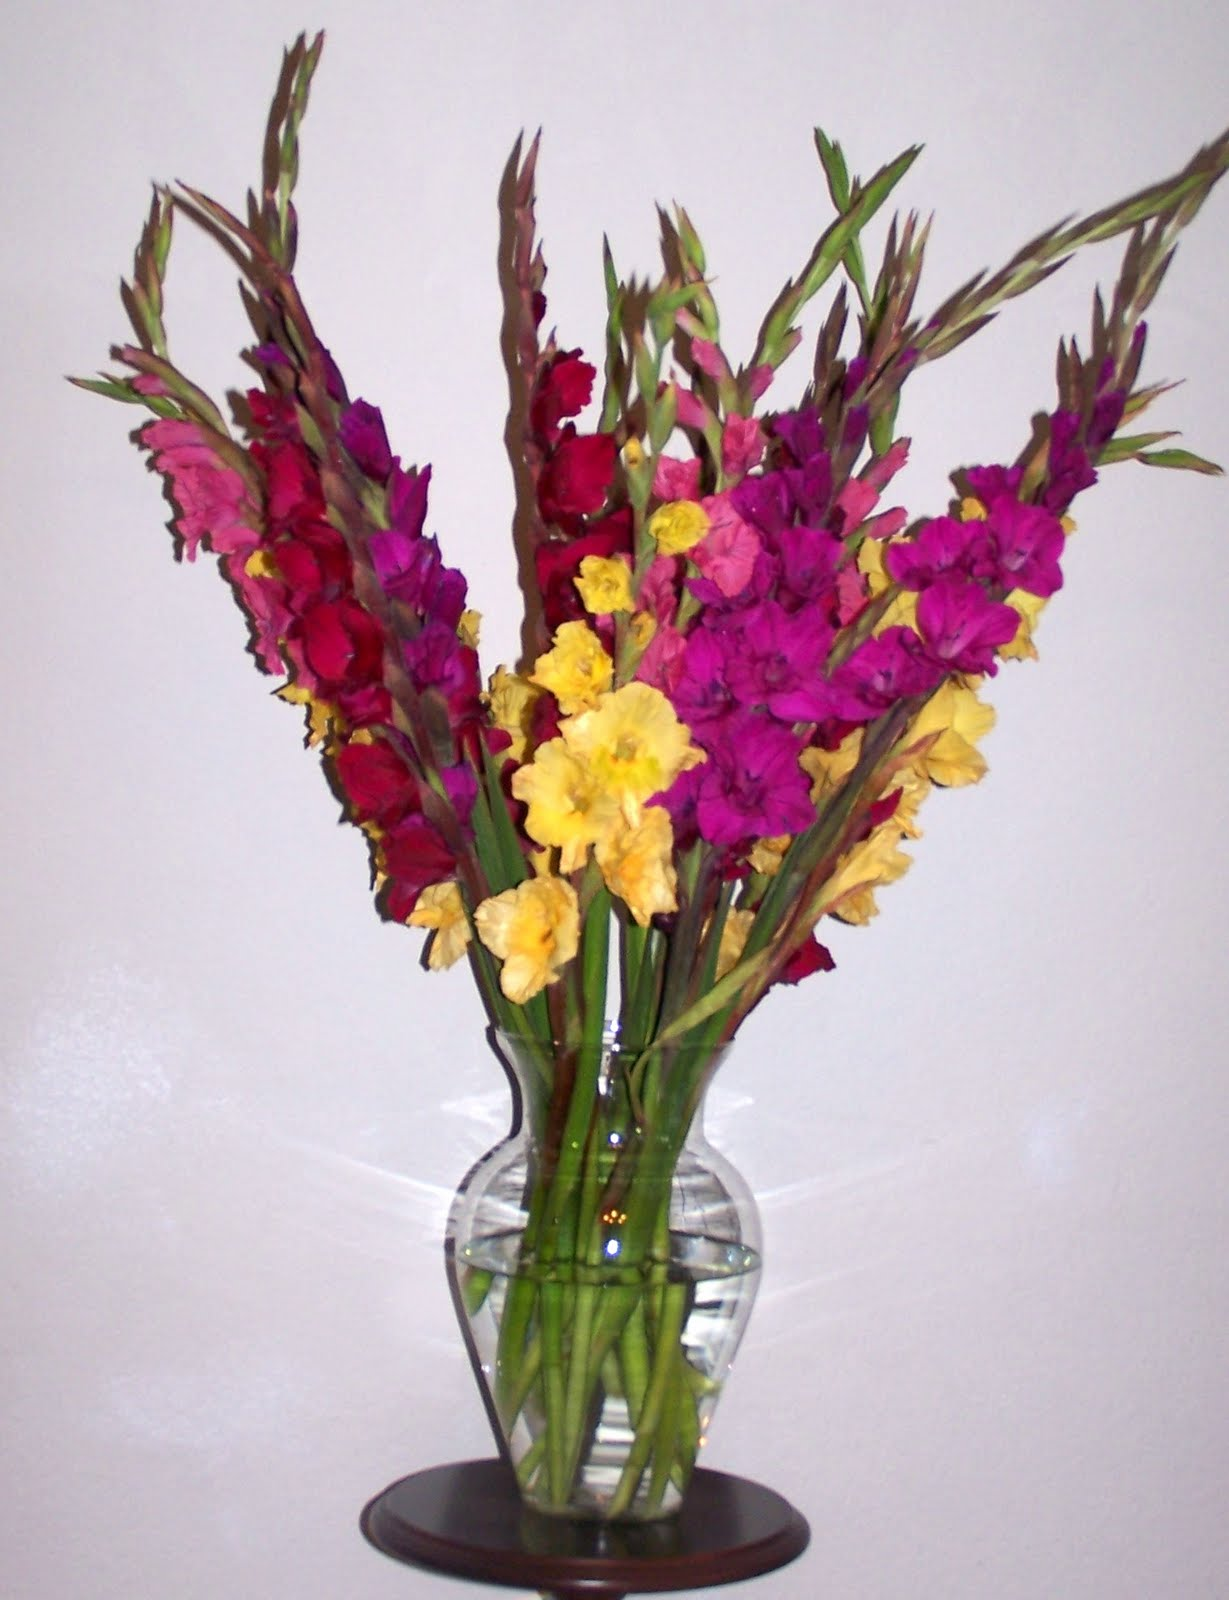 Фото букетов цветов гладиолусов